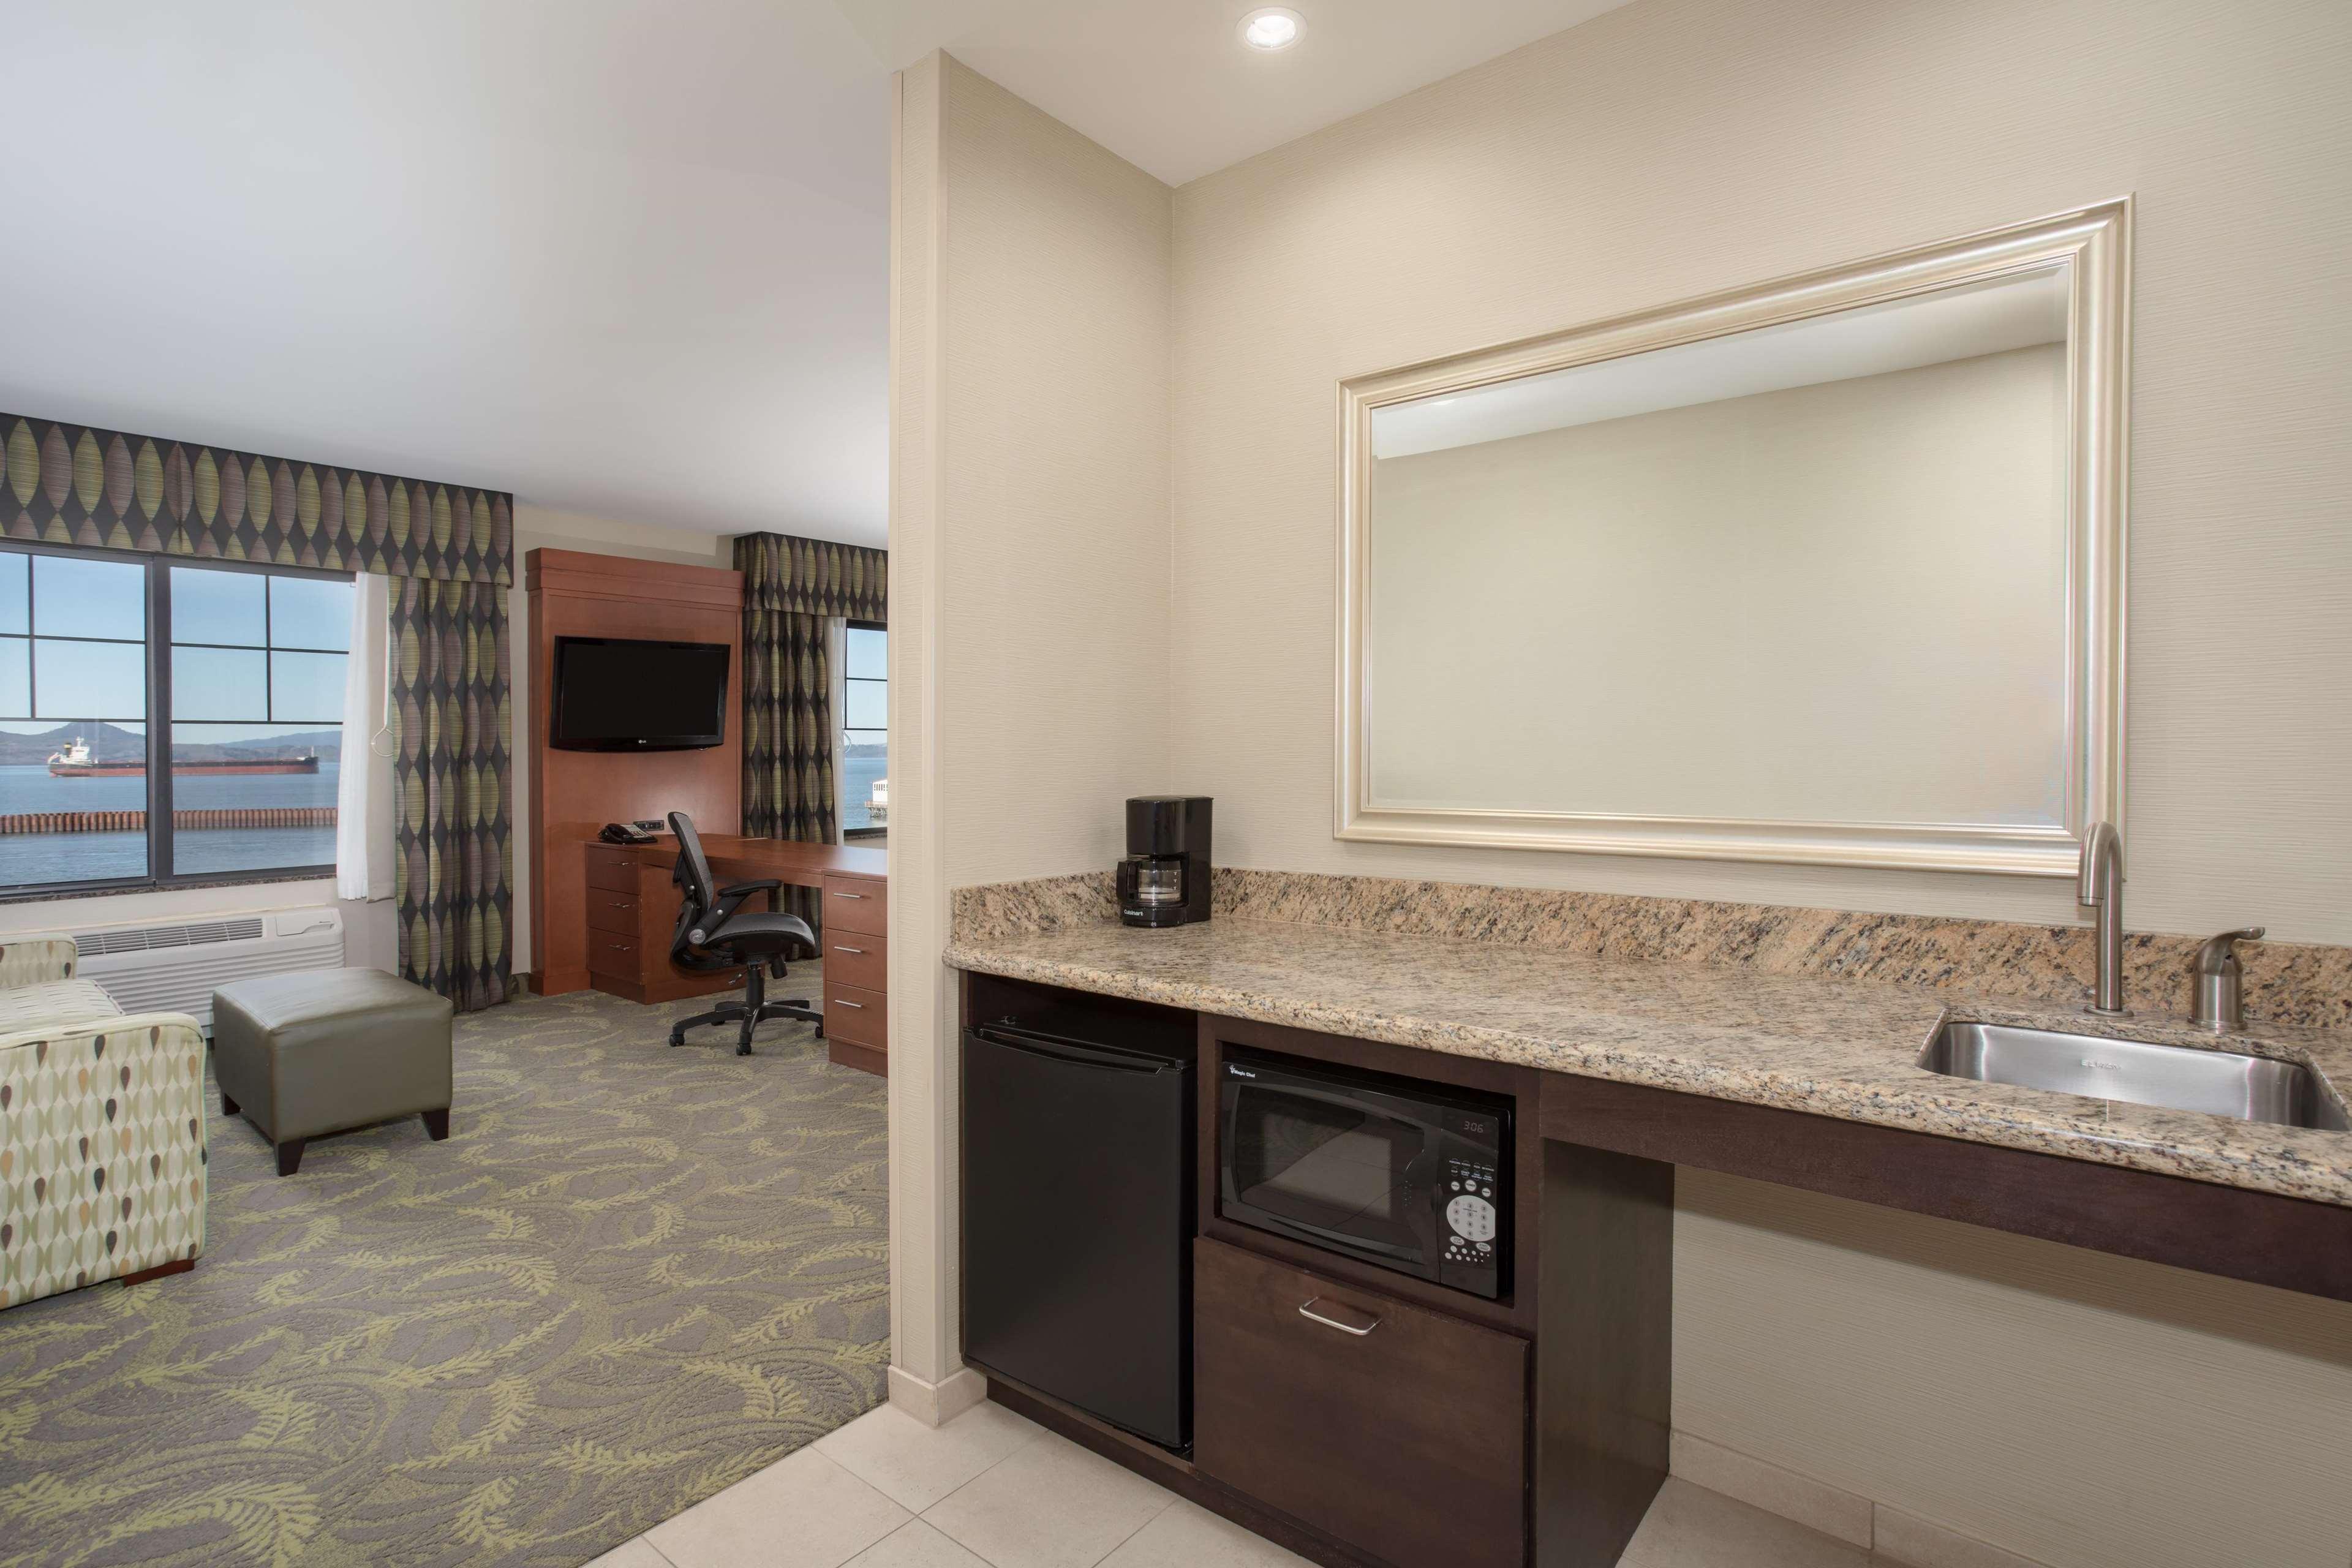 Hampton Inn & Suites Astoria image 12